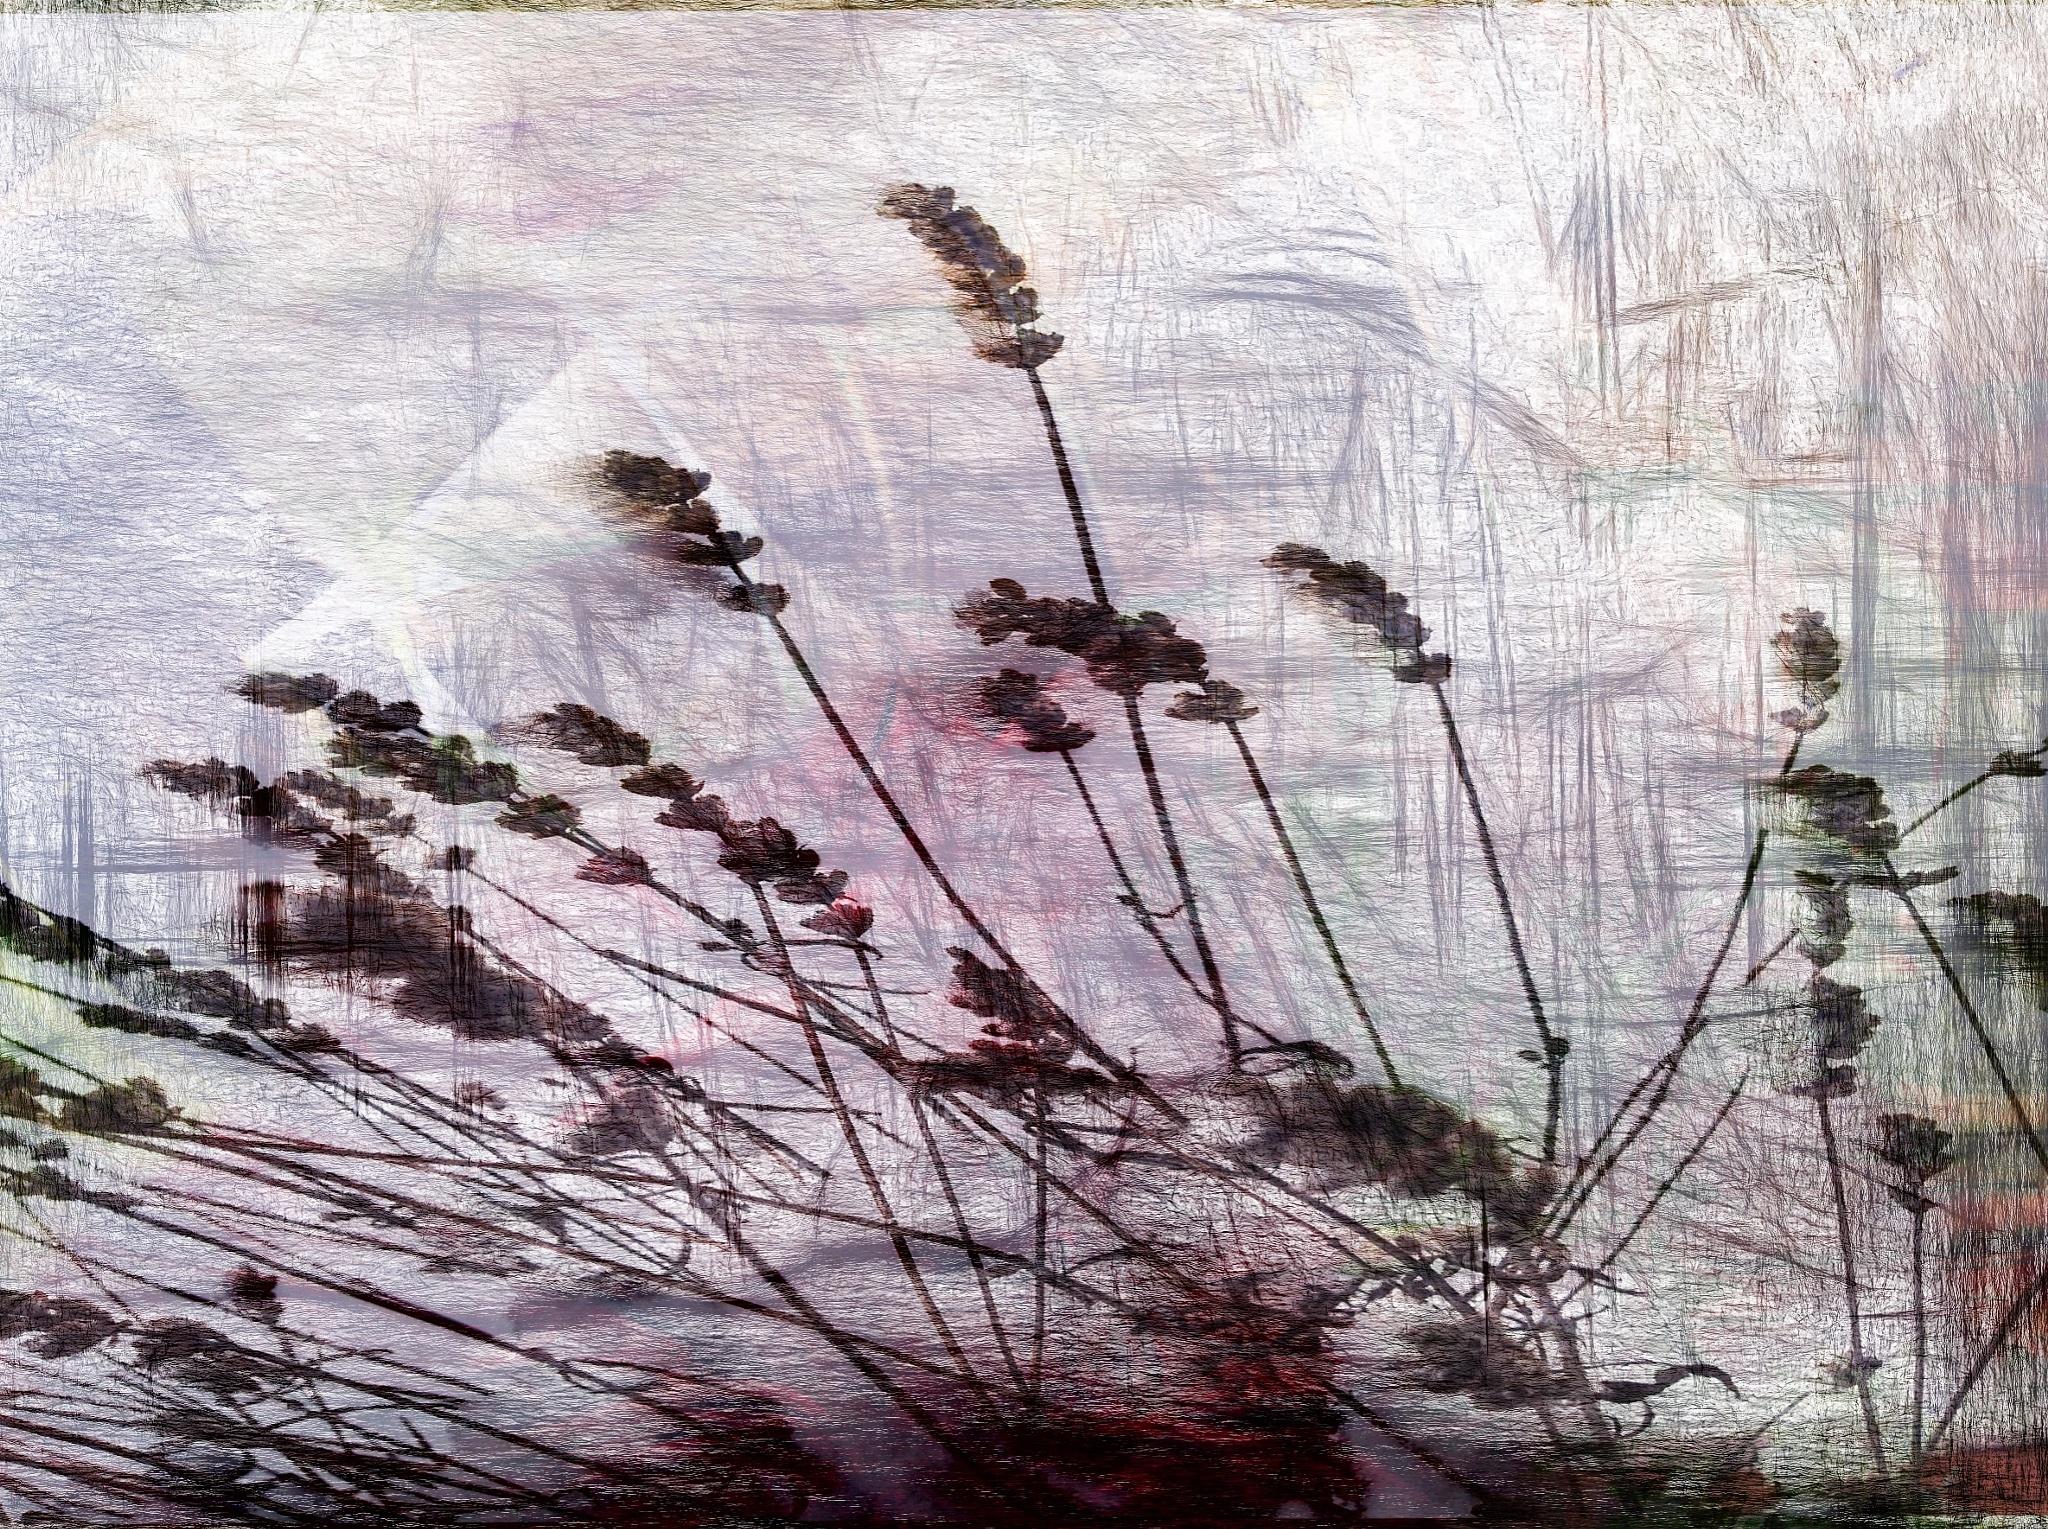 Untitled by Reinhard Südmersen